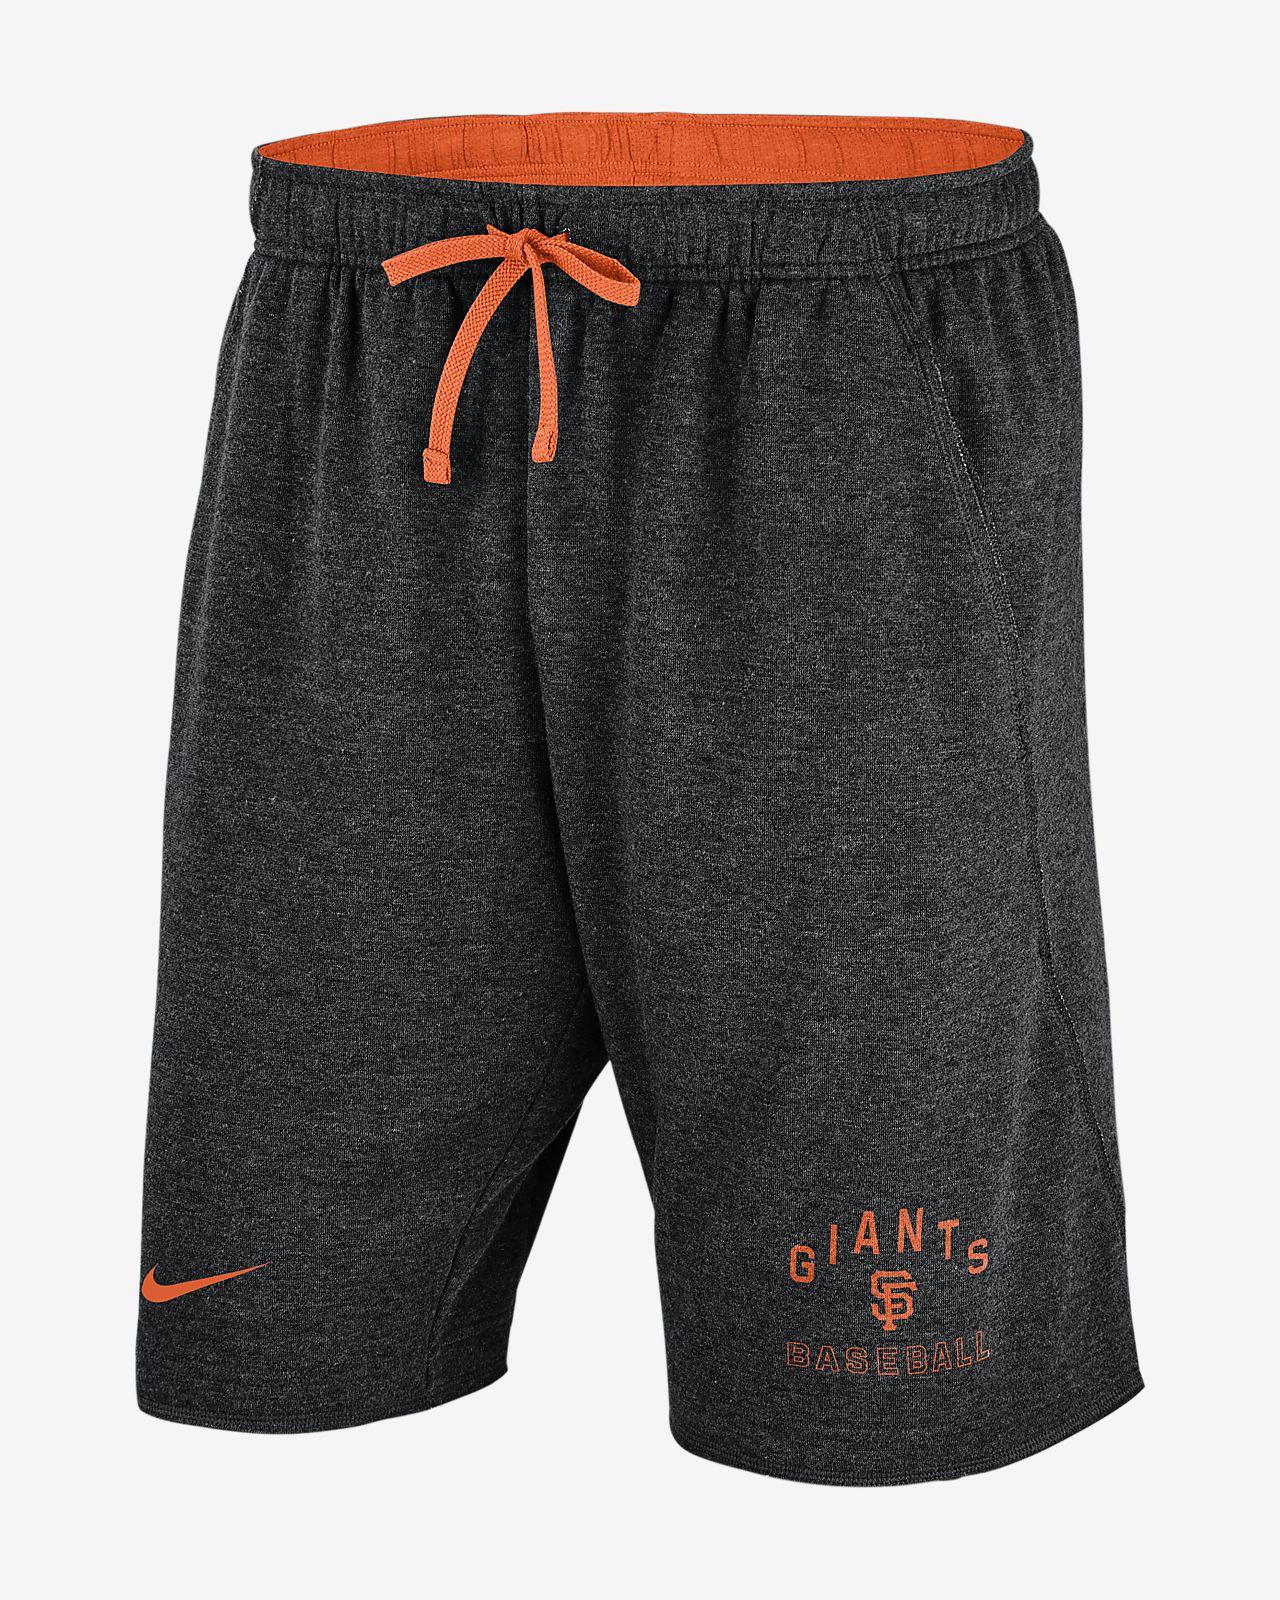 Nike Flux (MLB Giants) Men's Shorts